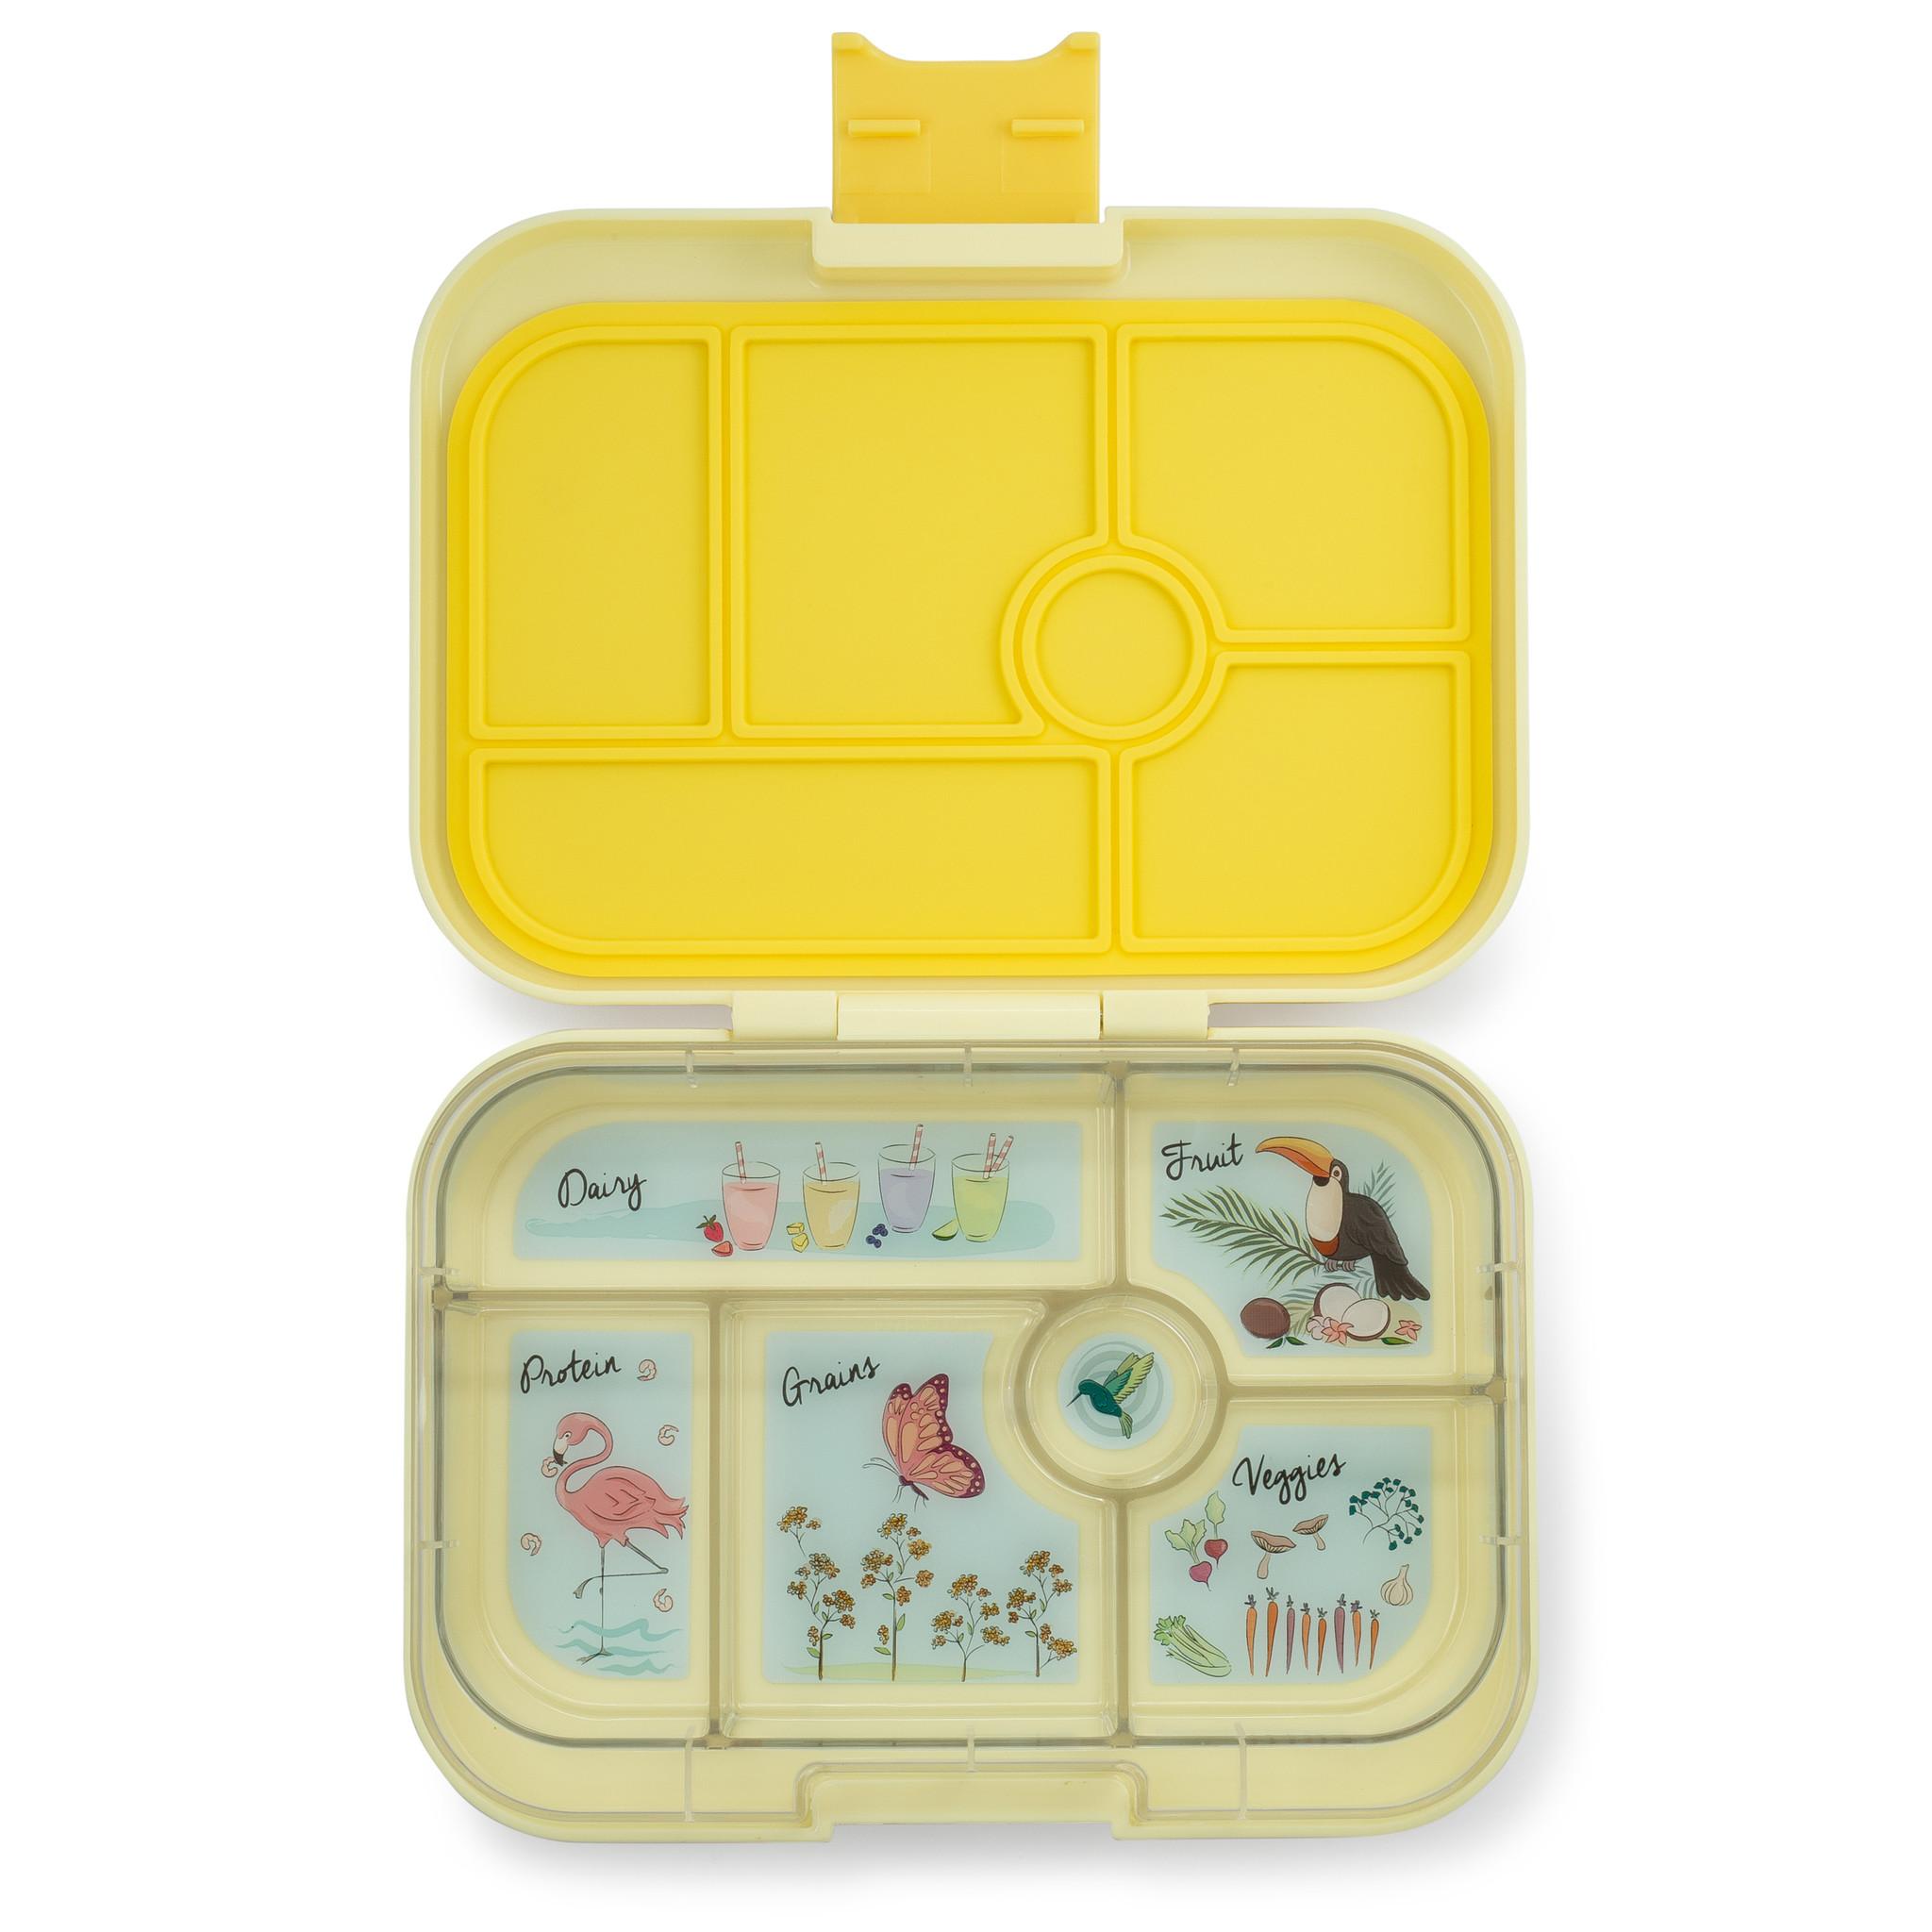 Yumbox Original broodtrommel 6 vakken Sunburst geel / Paradise tray-1